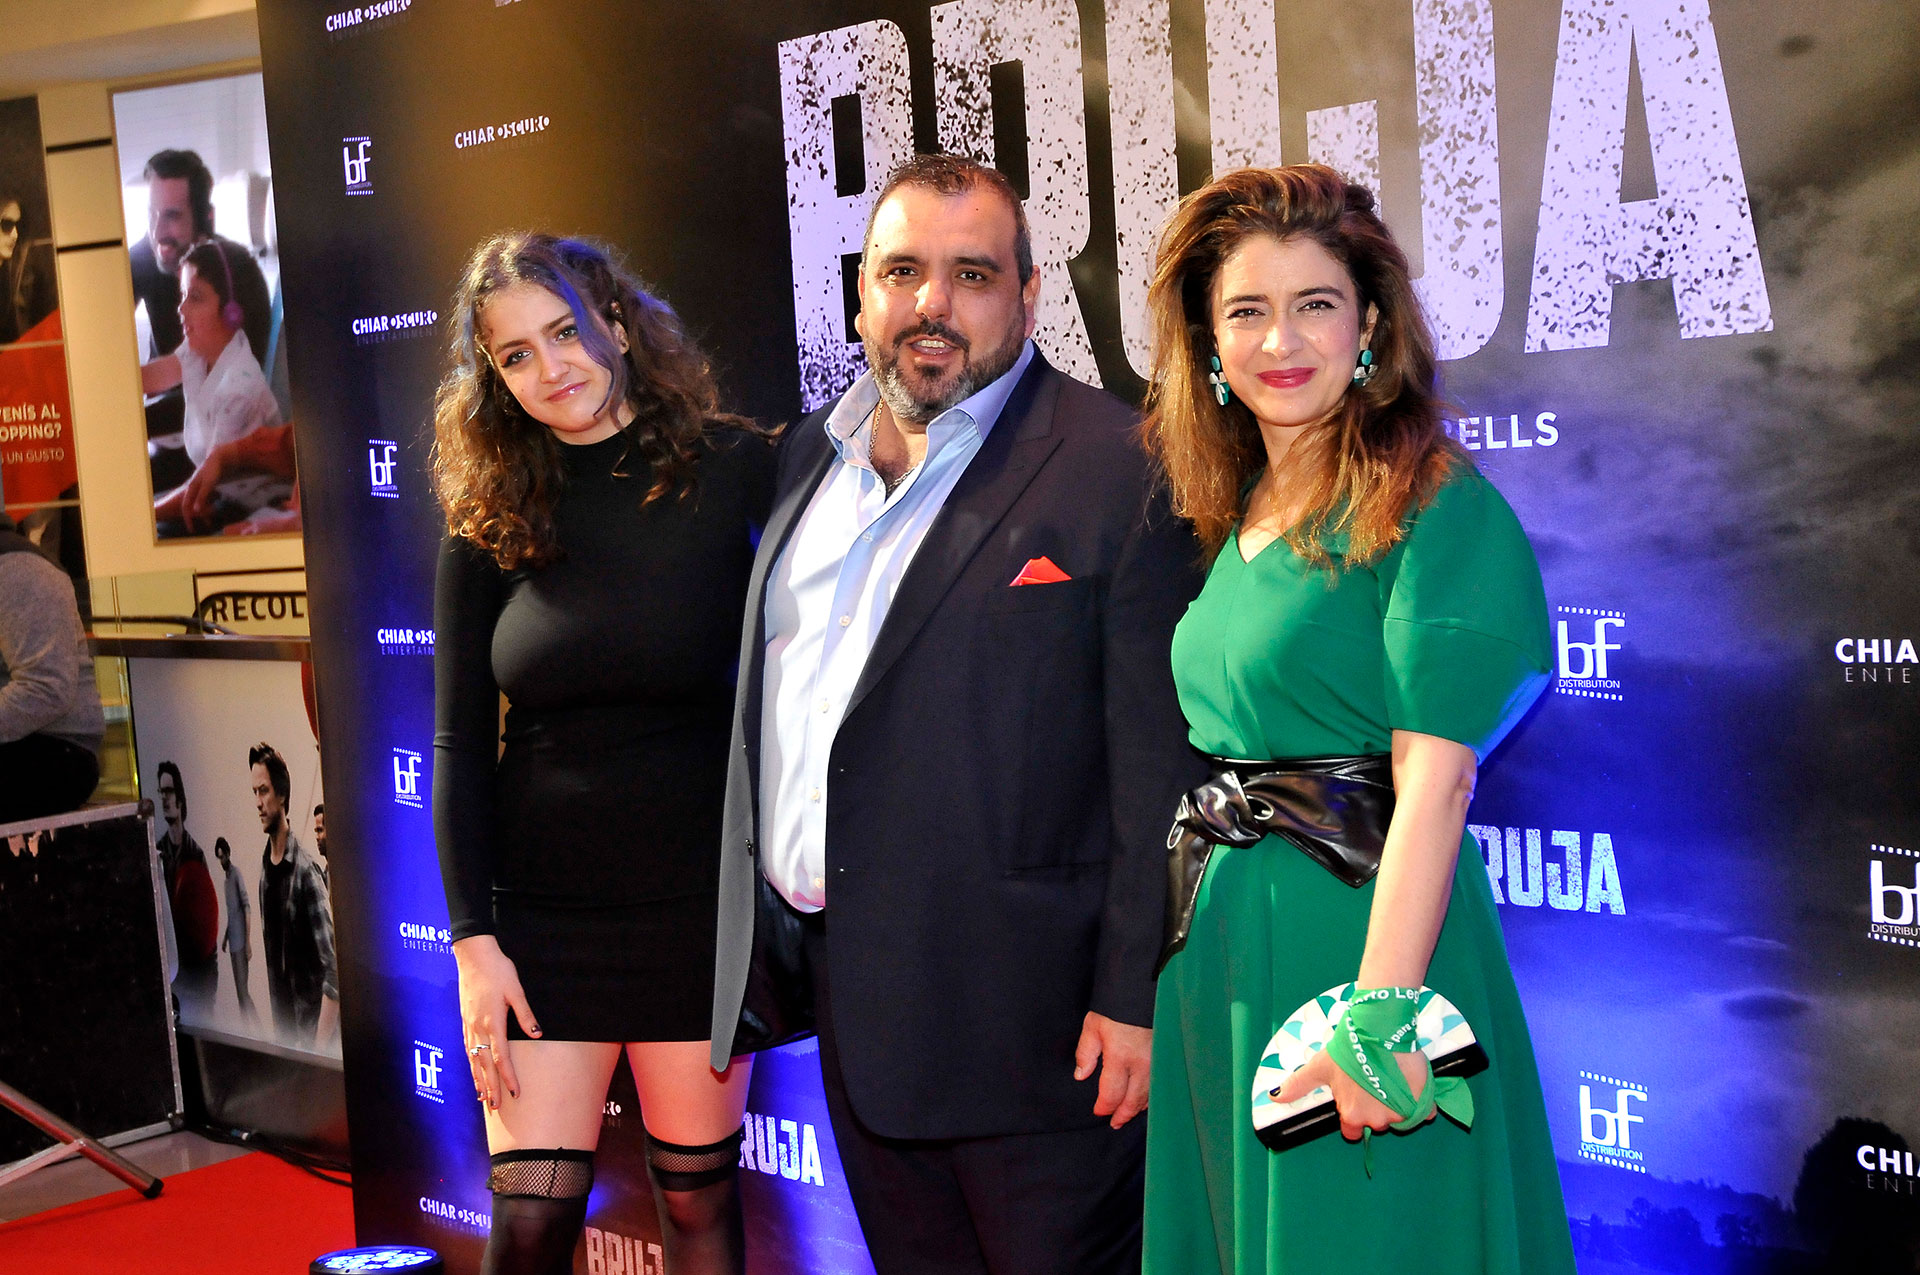 El director del filme Marcelo Páez Cubells junto a las protagonistas (Darío Batallan / Teleshow)